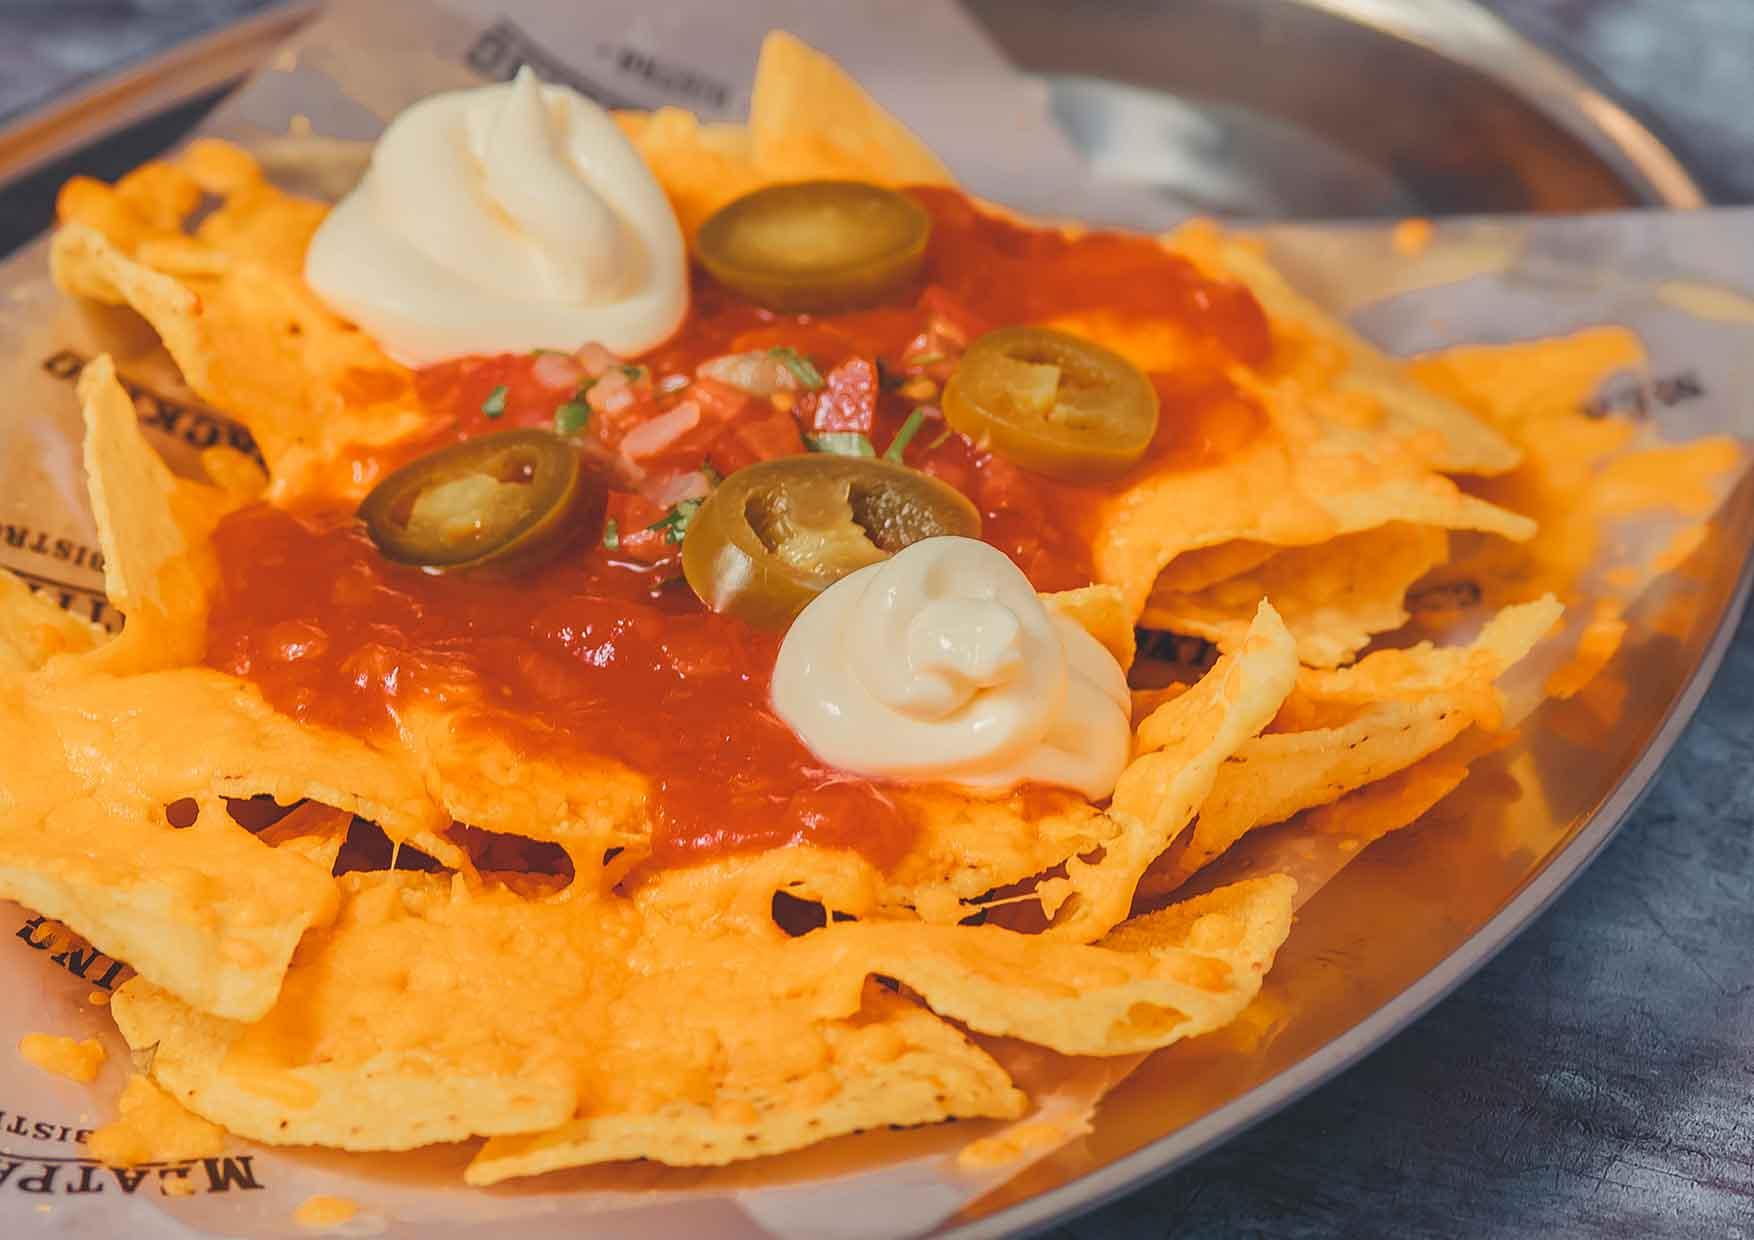 Dandys Nachos - comida a domicilio barcelona - Meatpacking